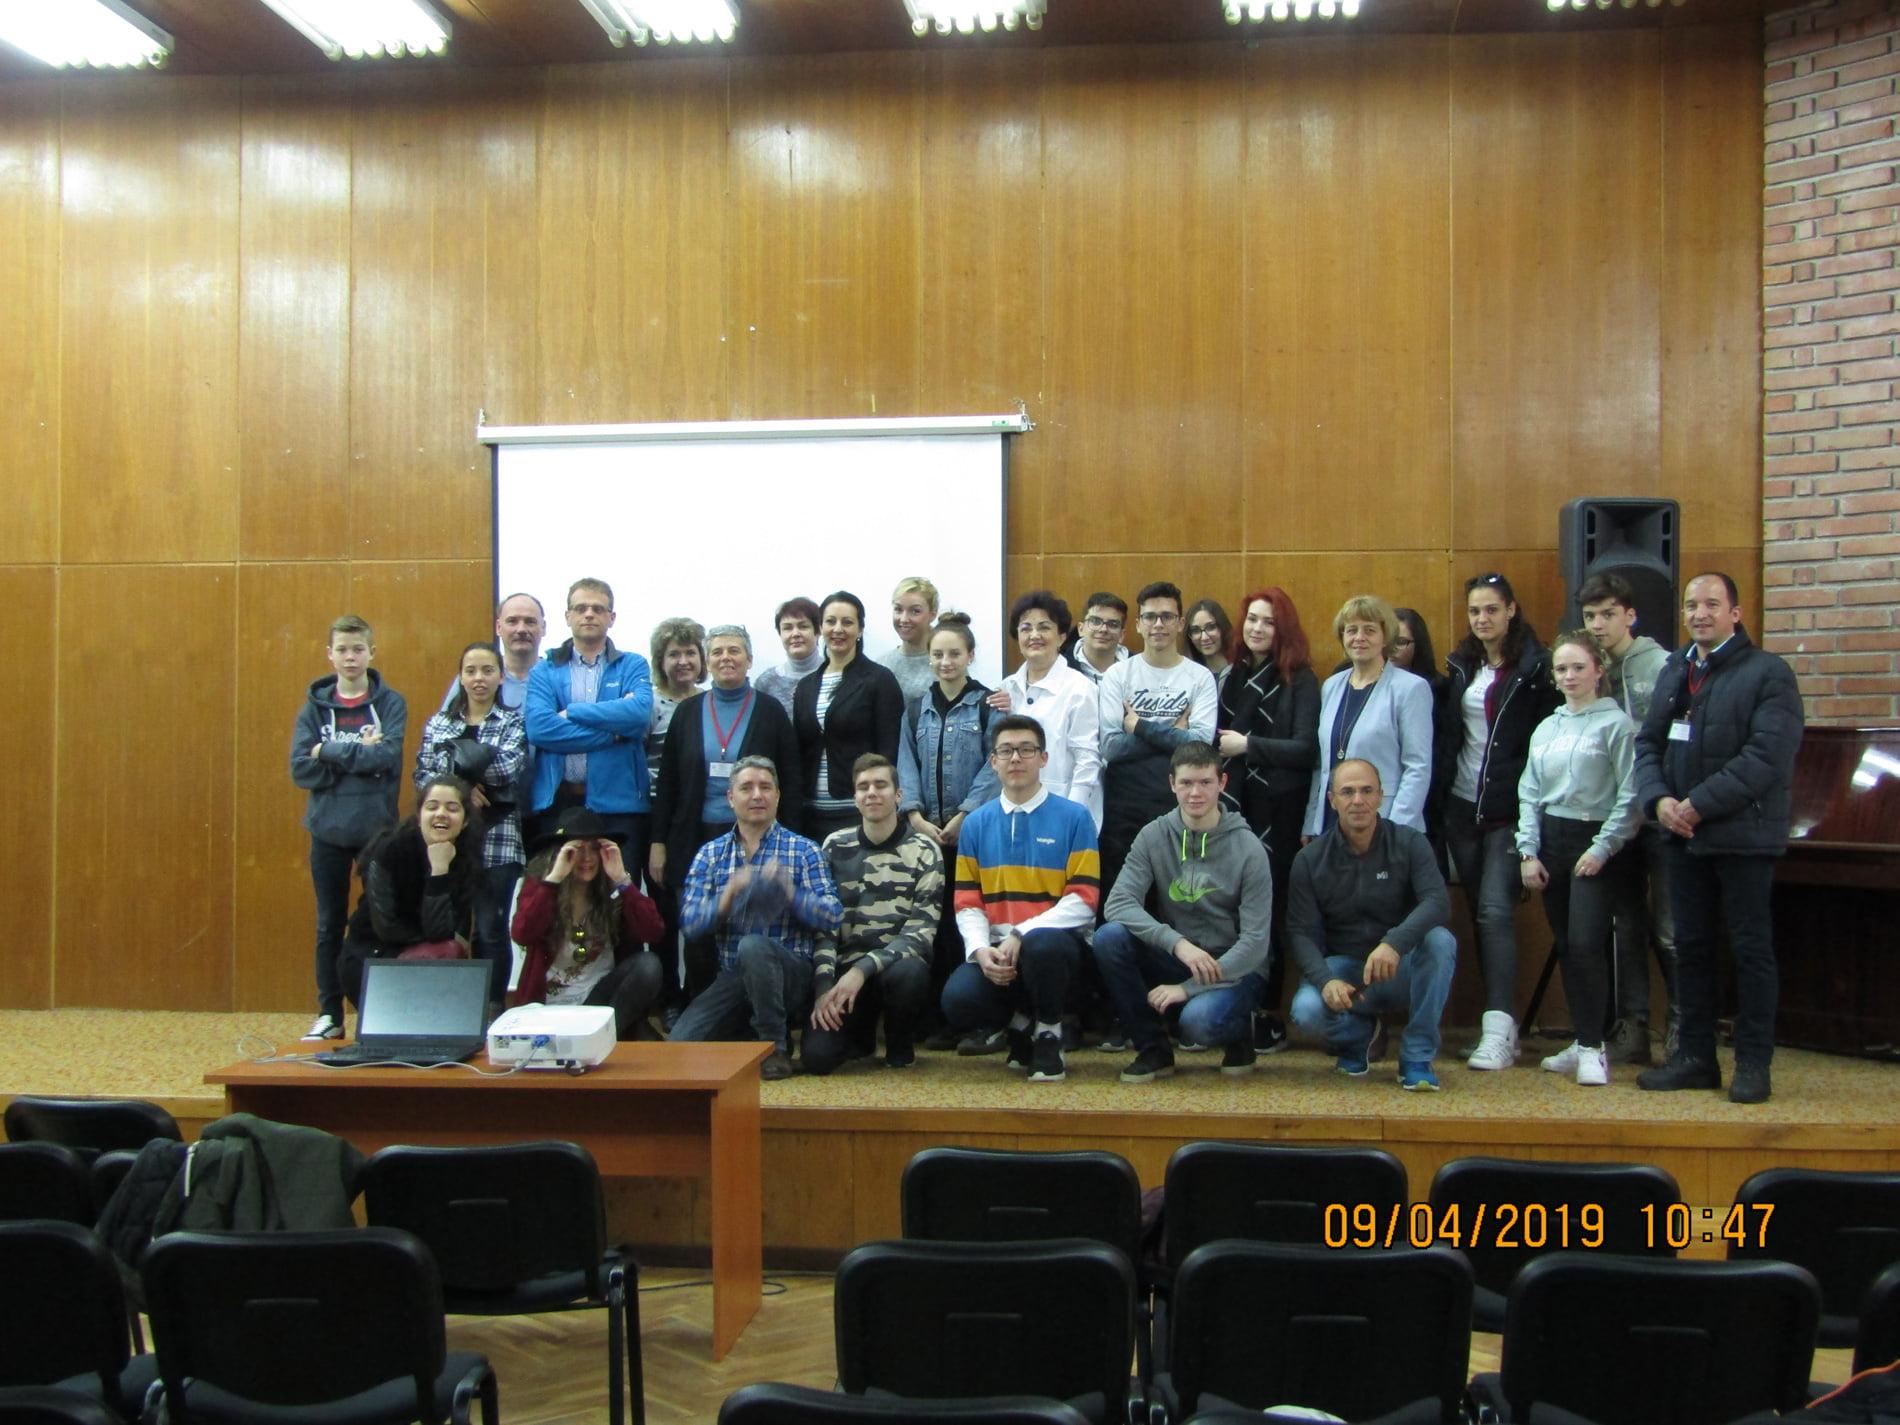 """Liceul """"Vasile Sav"""", reprezentat în cadrul vizitei de proiect Erasmus+ pe malul râului Bistrița, în Bulgaria"""